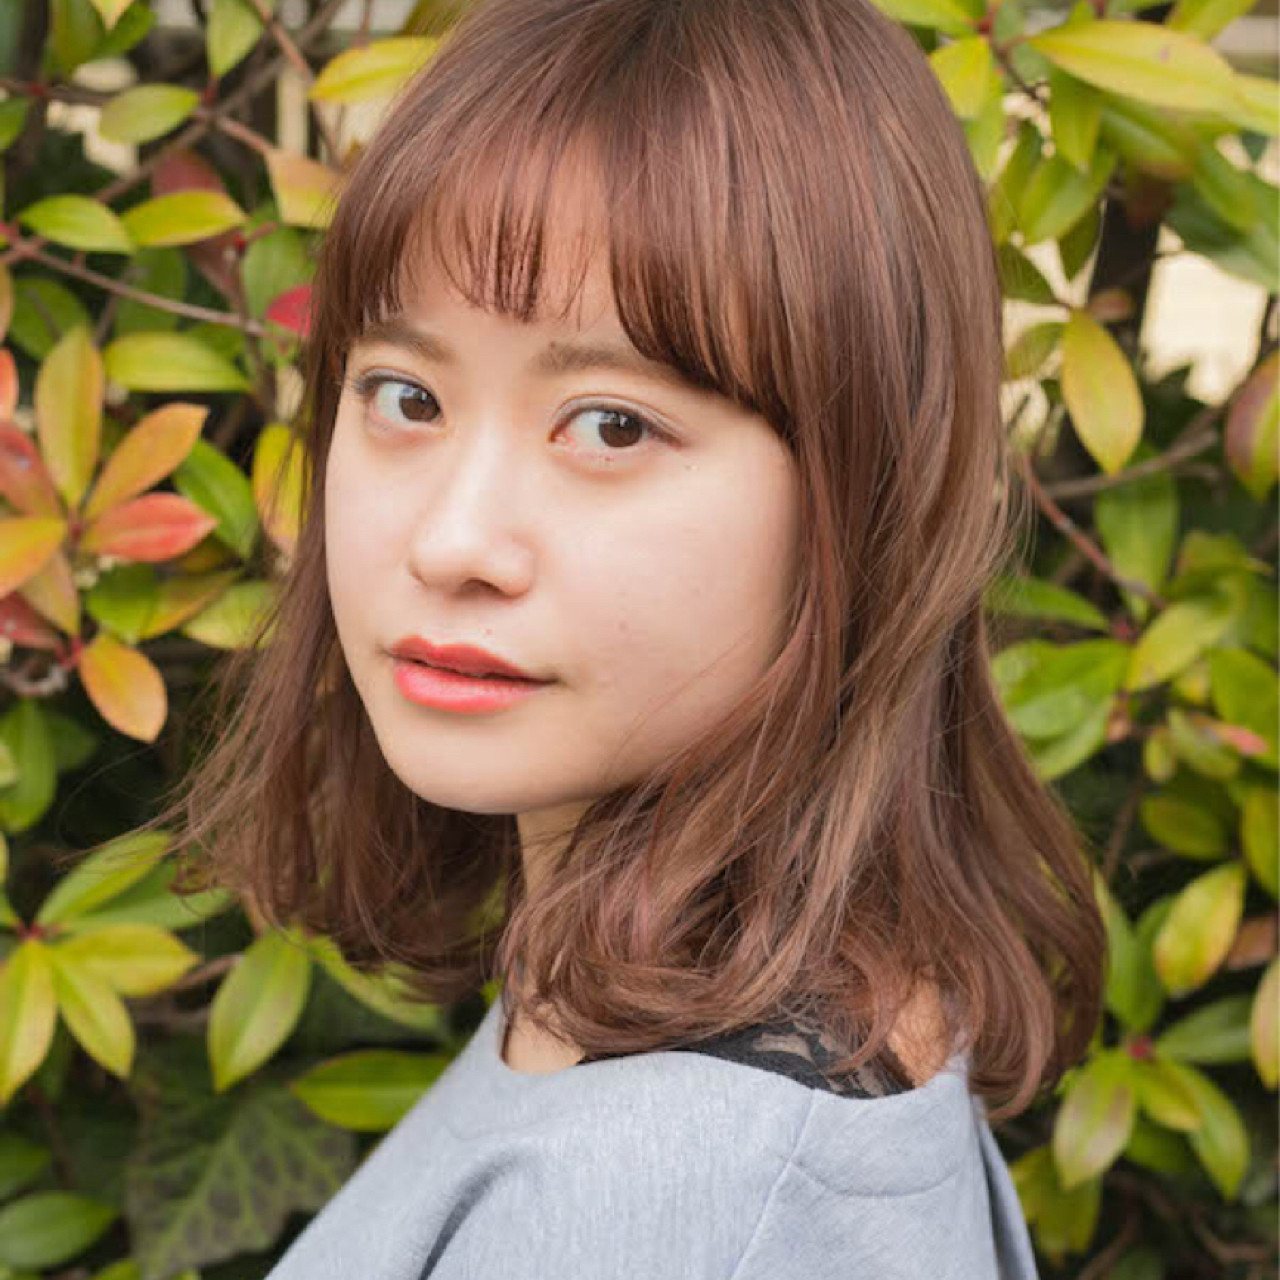 デート 前髪あり アンニュイ ミディアム ヘアスタイルや髪型の写真・画像 | 竹澤 優/relian青山Top stylist / relian青山